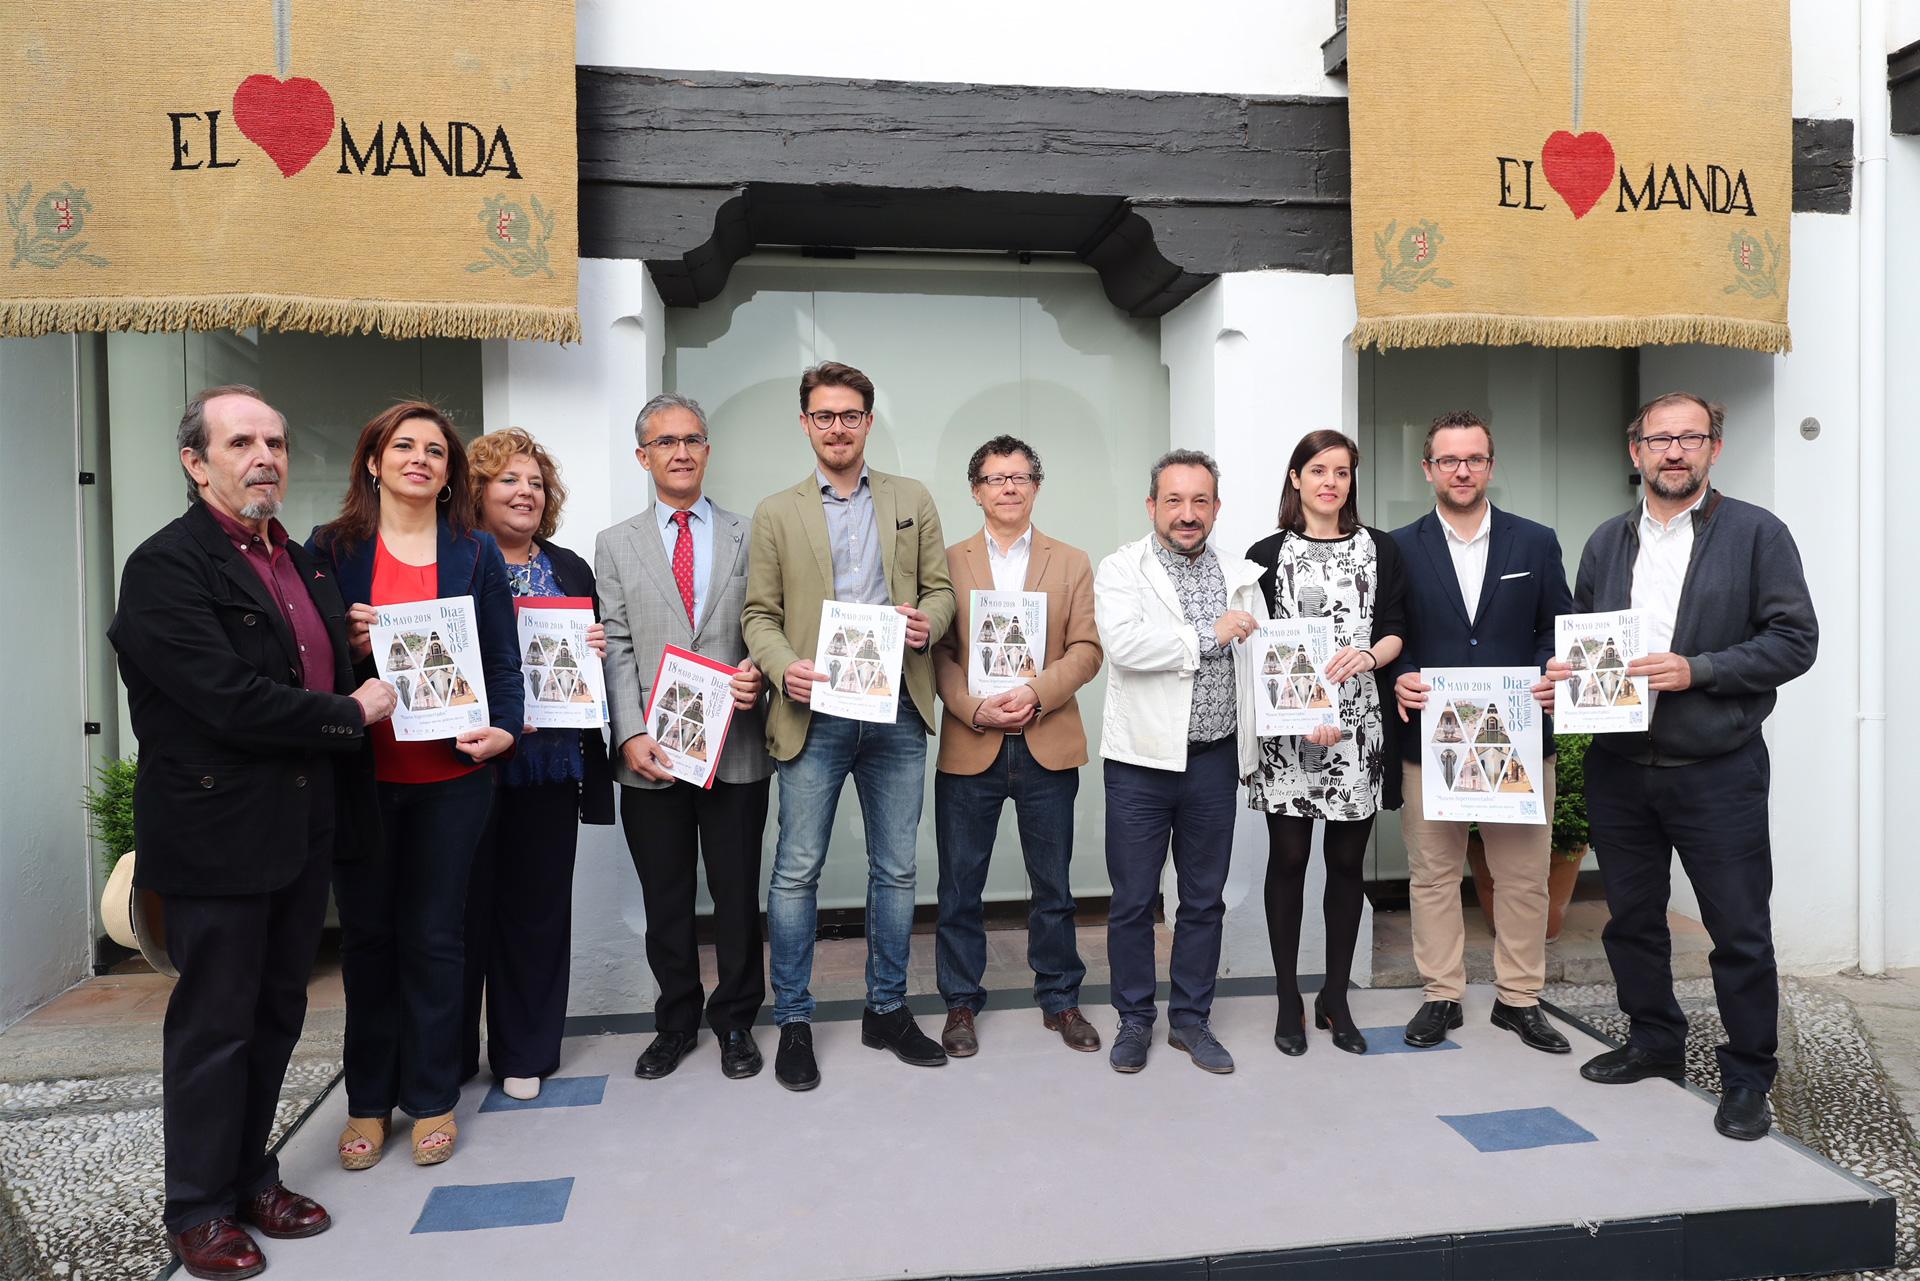 La Alhambra celebra el Día Internacional de los Museos con actividades especiales para todos los públicos